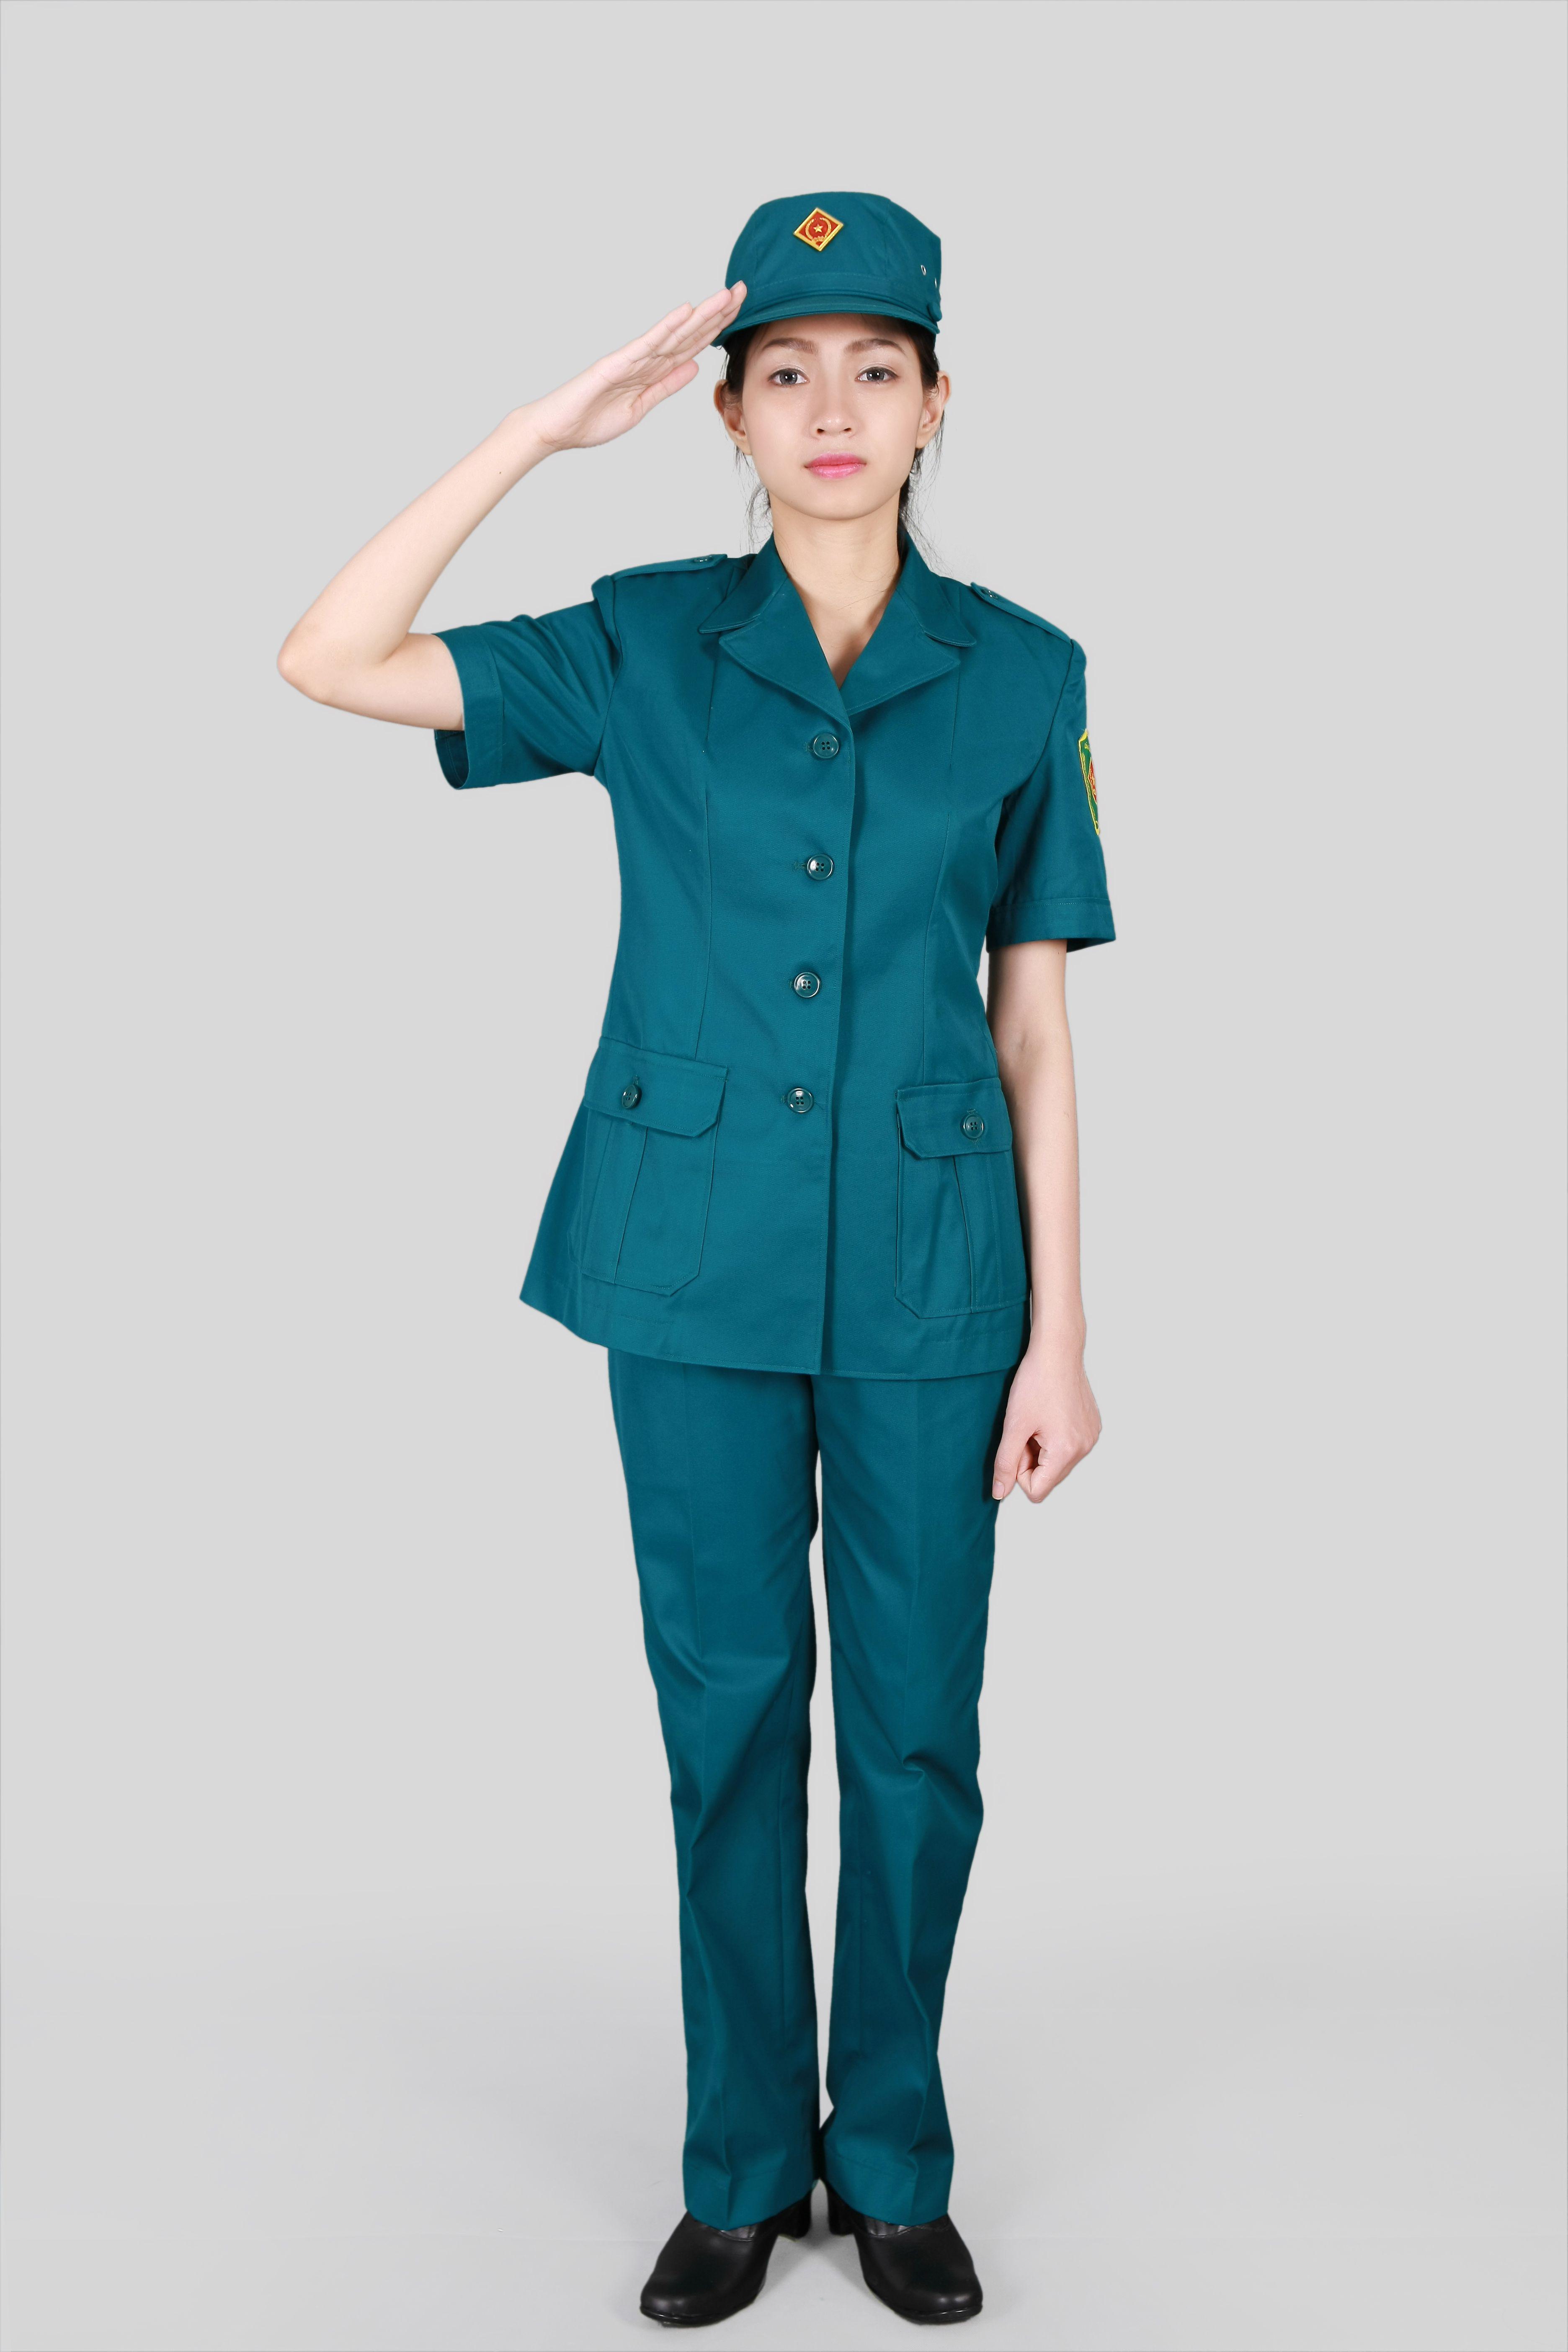 Mẫu quần áo dân quân tự vệ nữ đẹp - Đồng phục Mantis